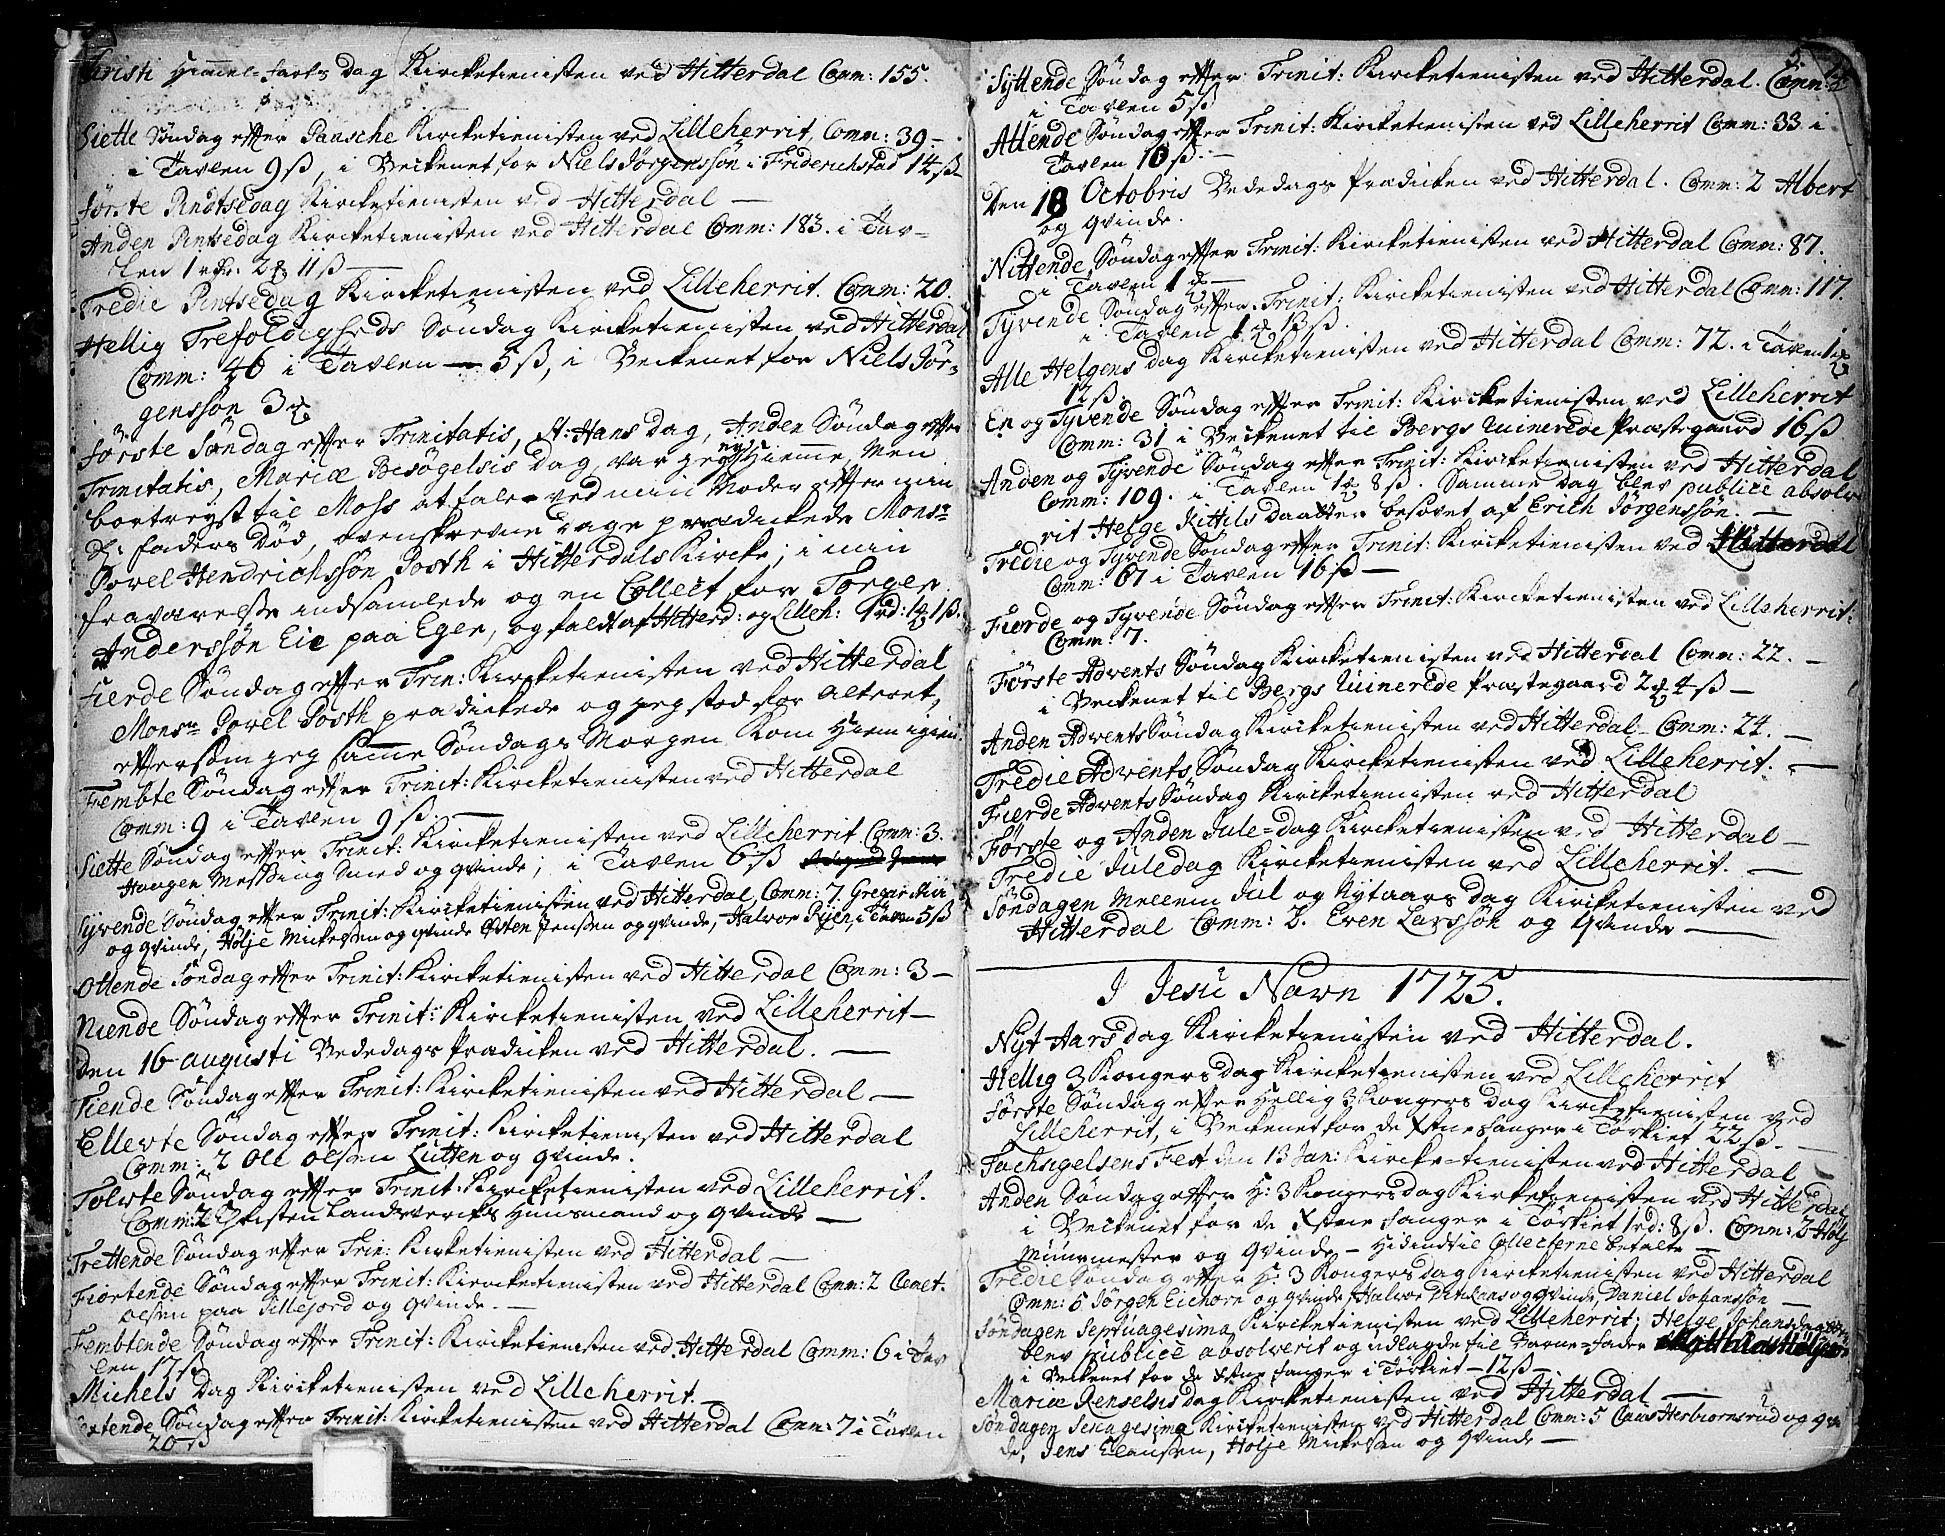 SAKO, Heddal kirkebøker, F/Fa/L0003: Ministerialbok nr. I 3, 1723-1783, s. 5